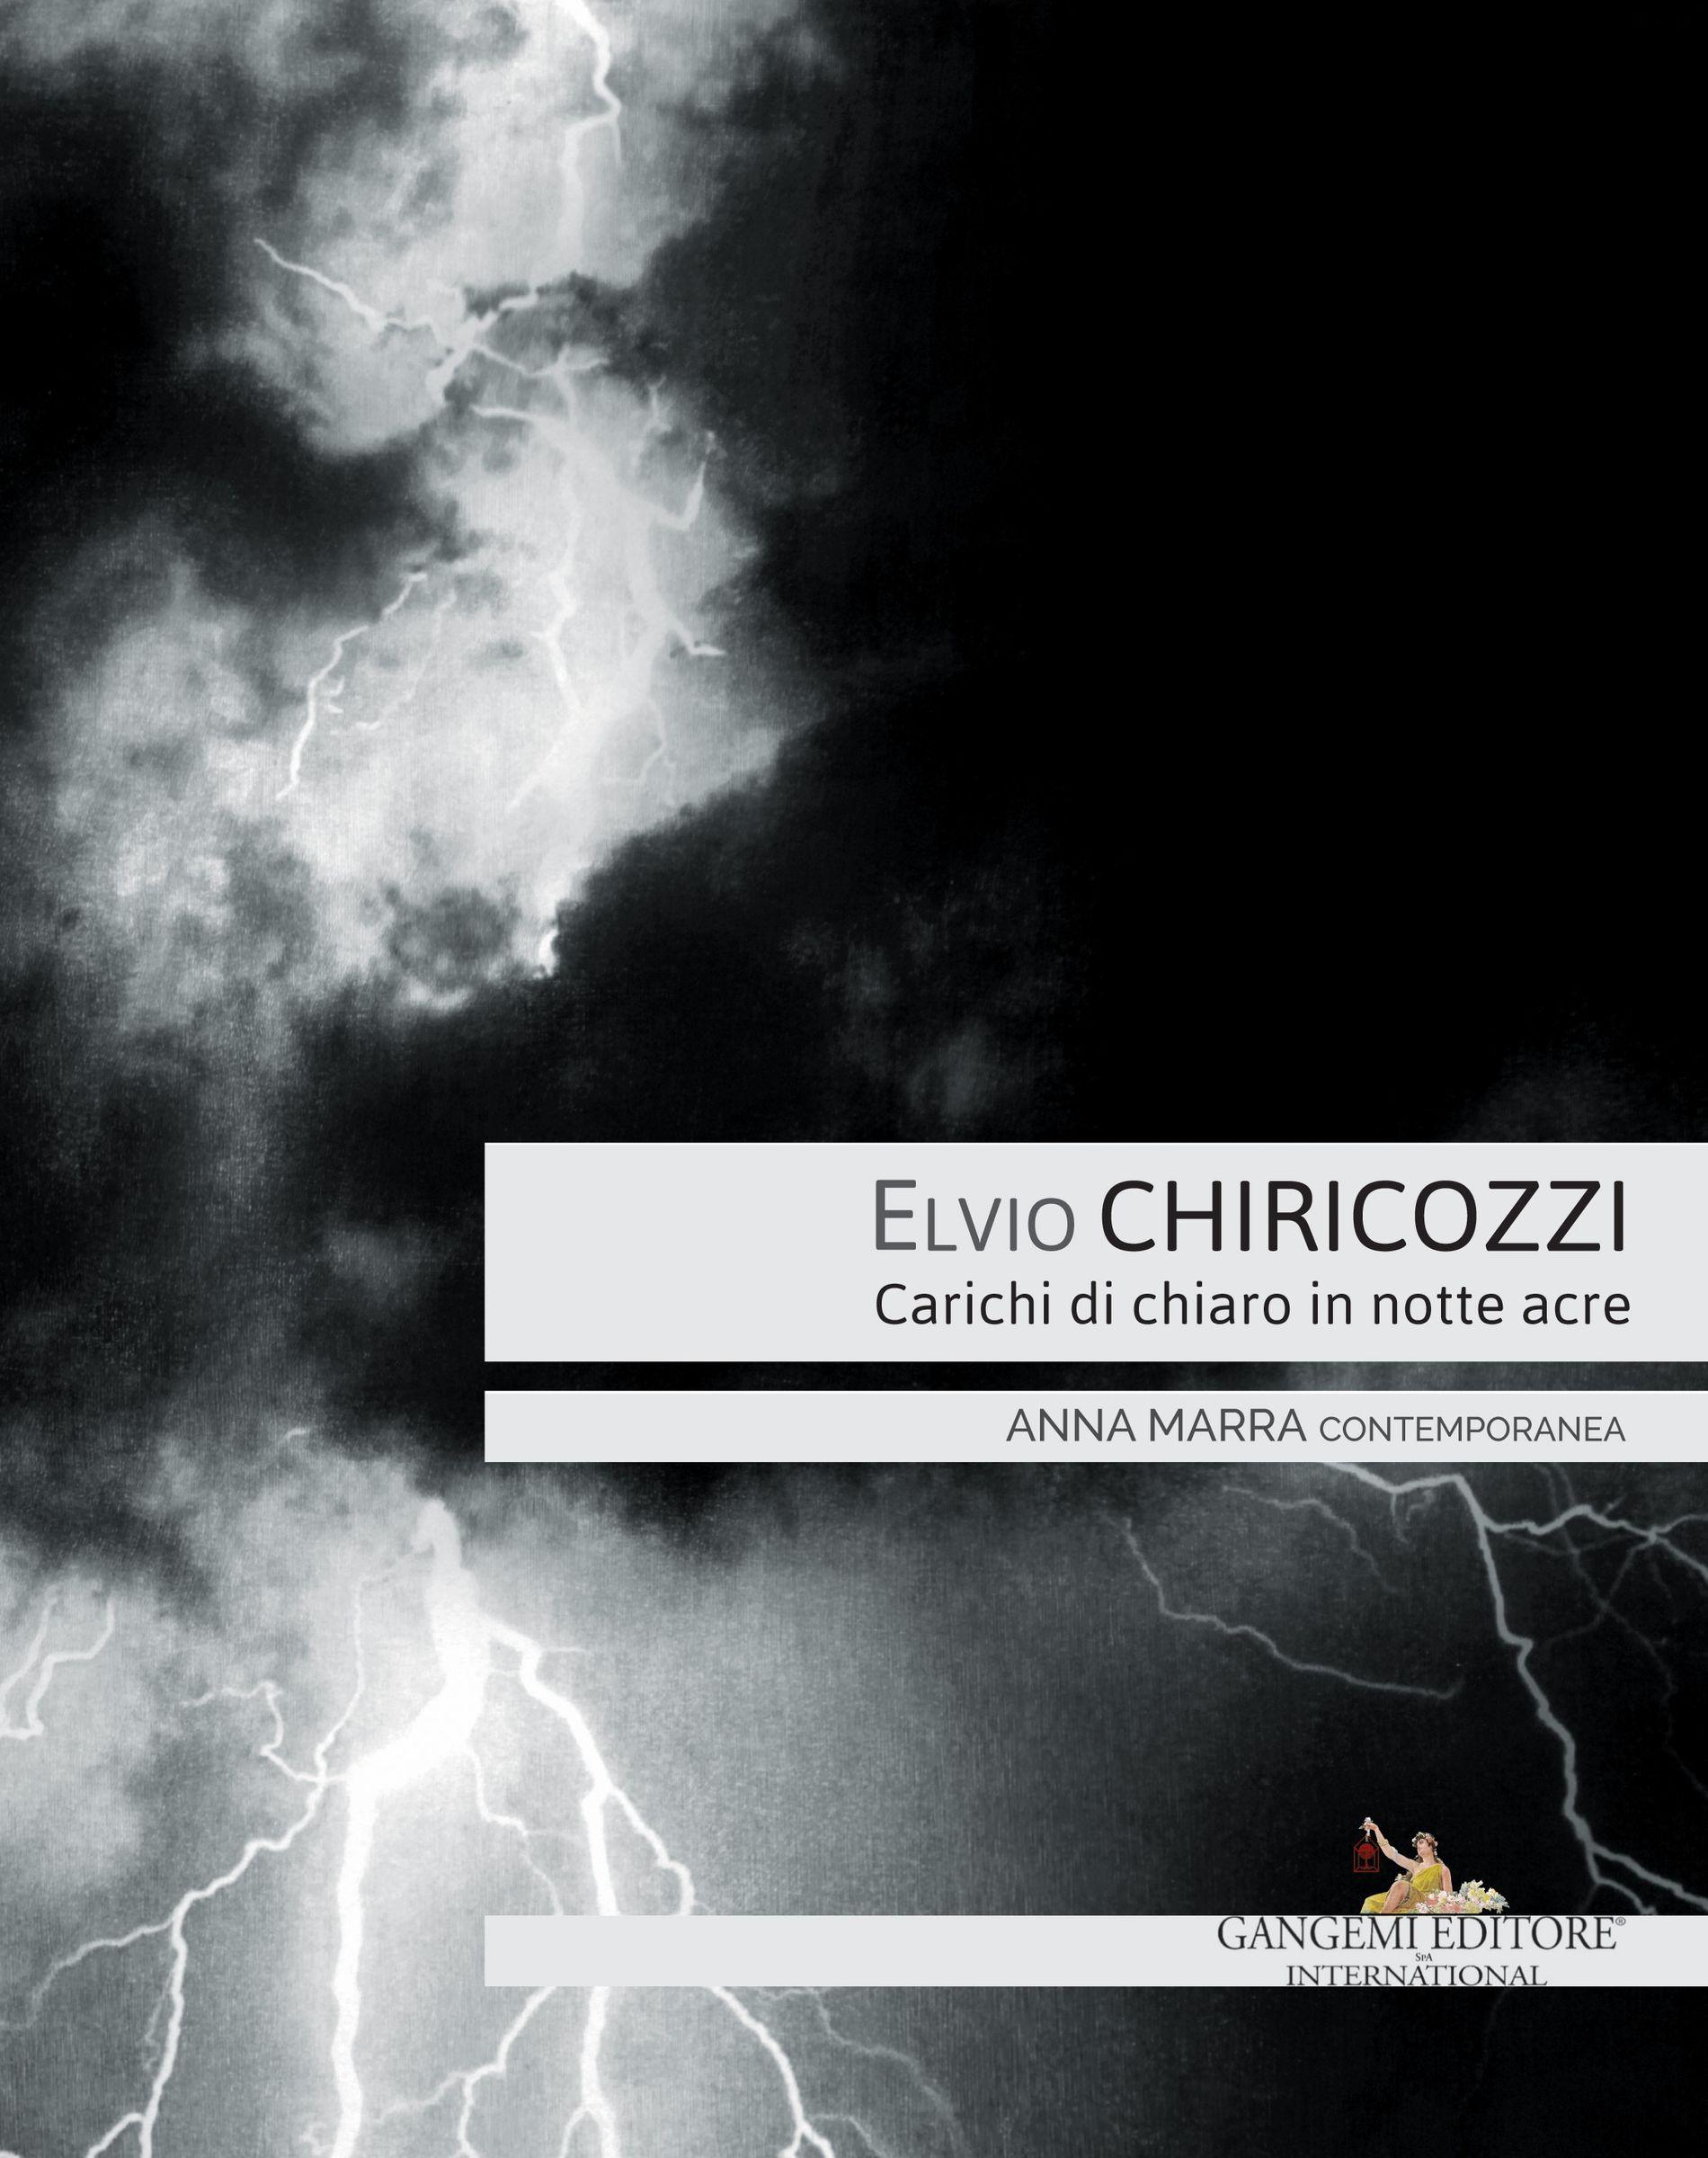 Catalogue by Gangemi Editore